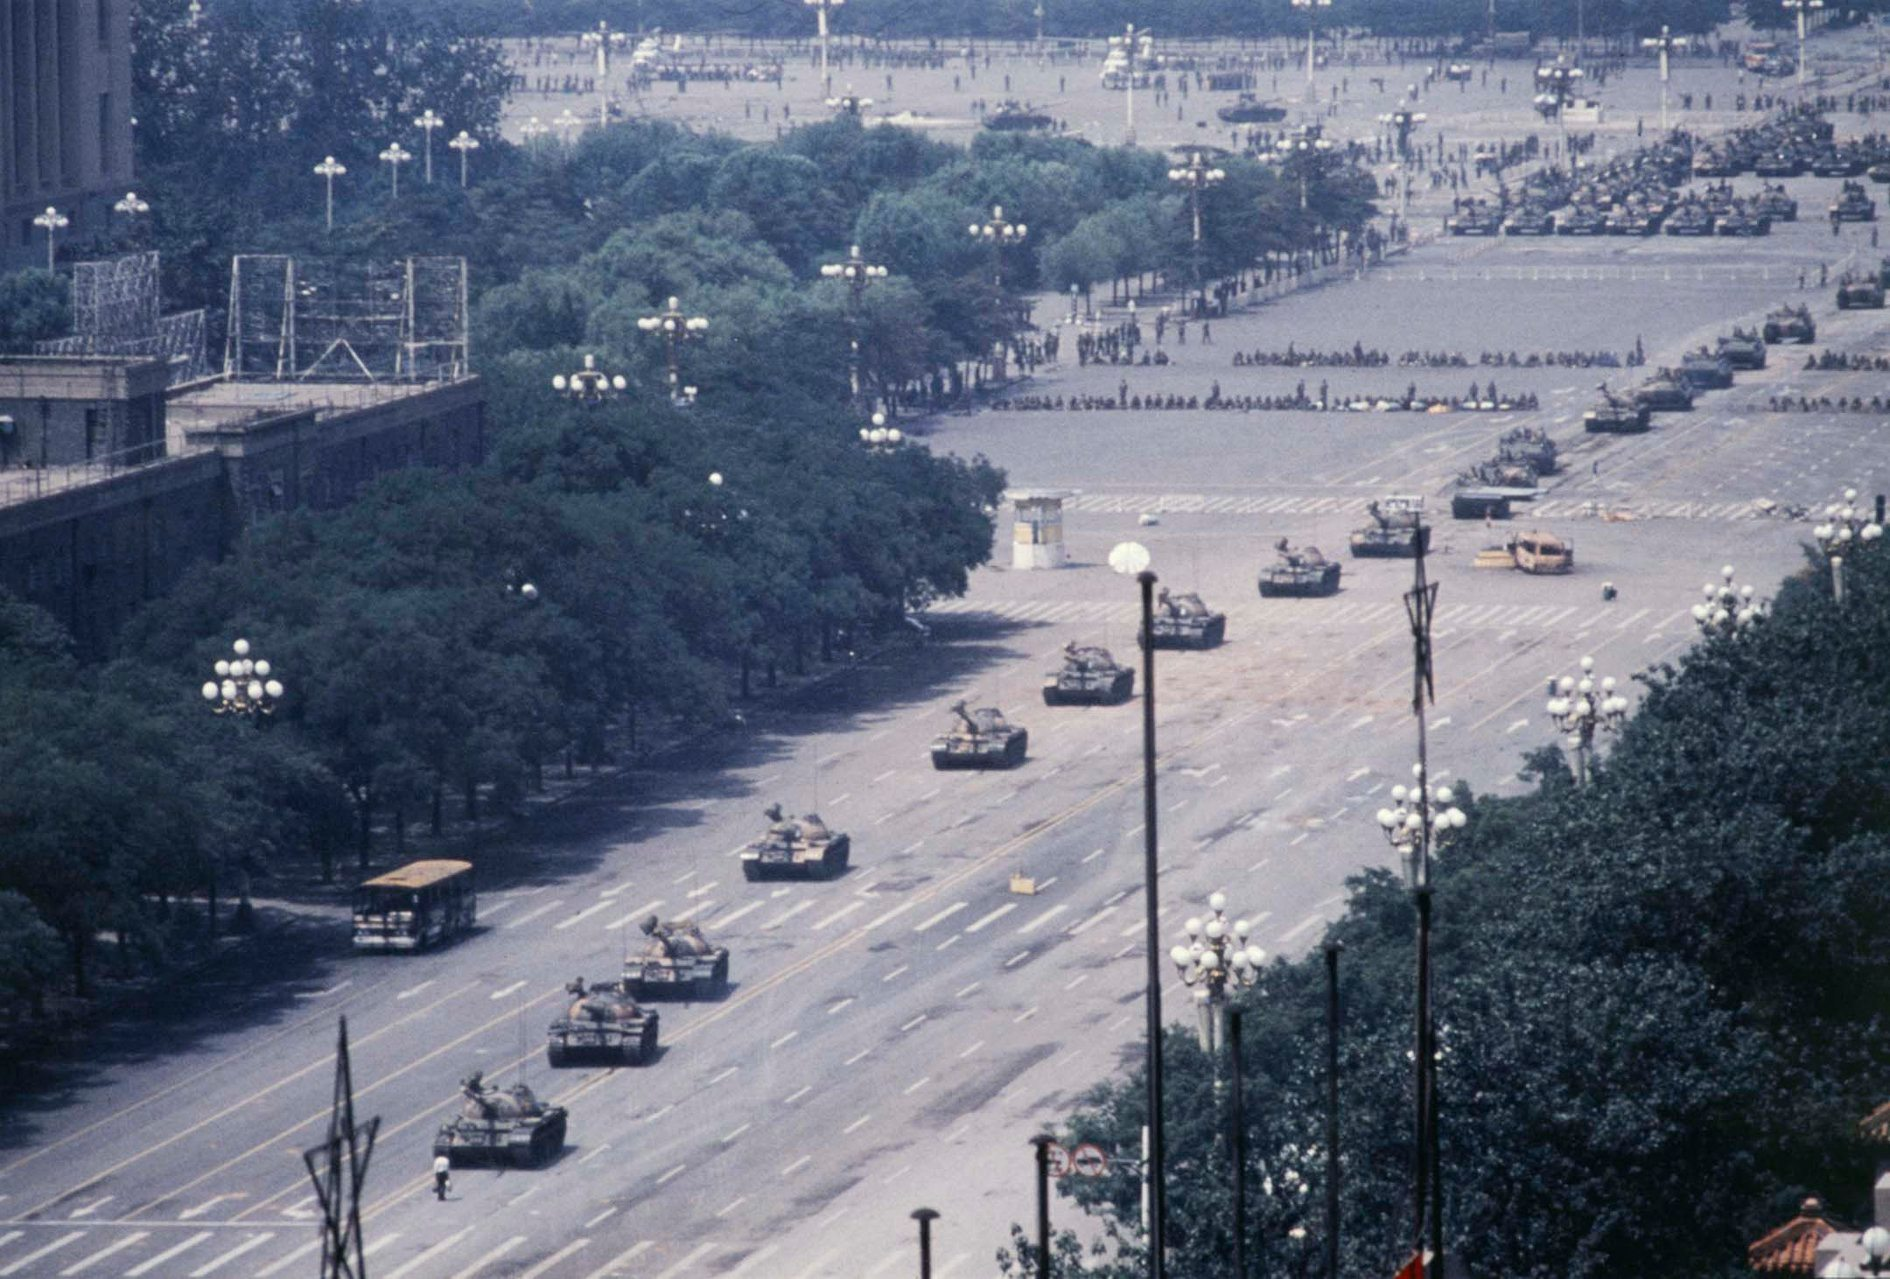 【坦克人  1989年6月5日早上】 【長安街坦克人高清圖下載】... - Vanished Archives 消失的檔案 | Facebook